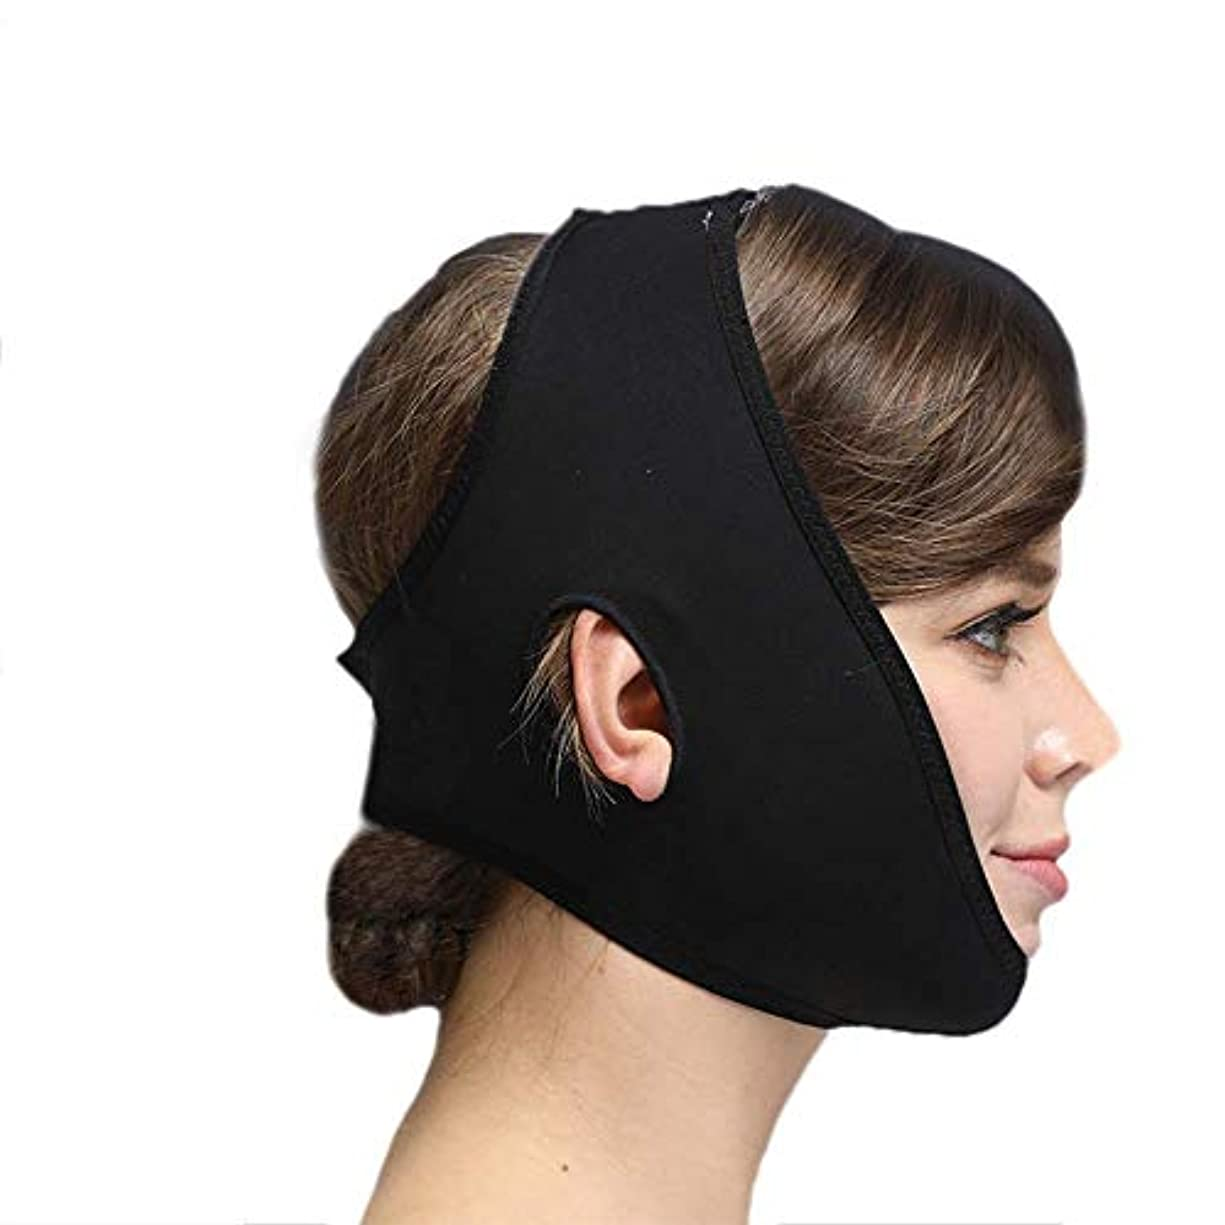 肘掛け椅子数追い付くフェイススリミングマスク、快適さと通気性、フェイシャルリフティング、輪郭の改善された硬さ、ファーミングとリフティングフェイス(カラー:ブラック、サイズ:XL),ブラック2、M